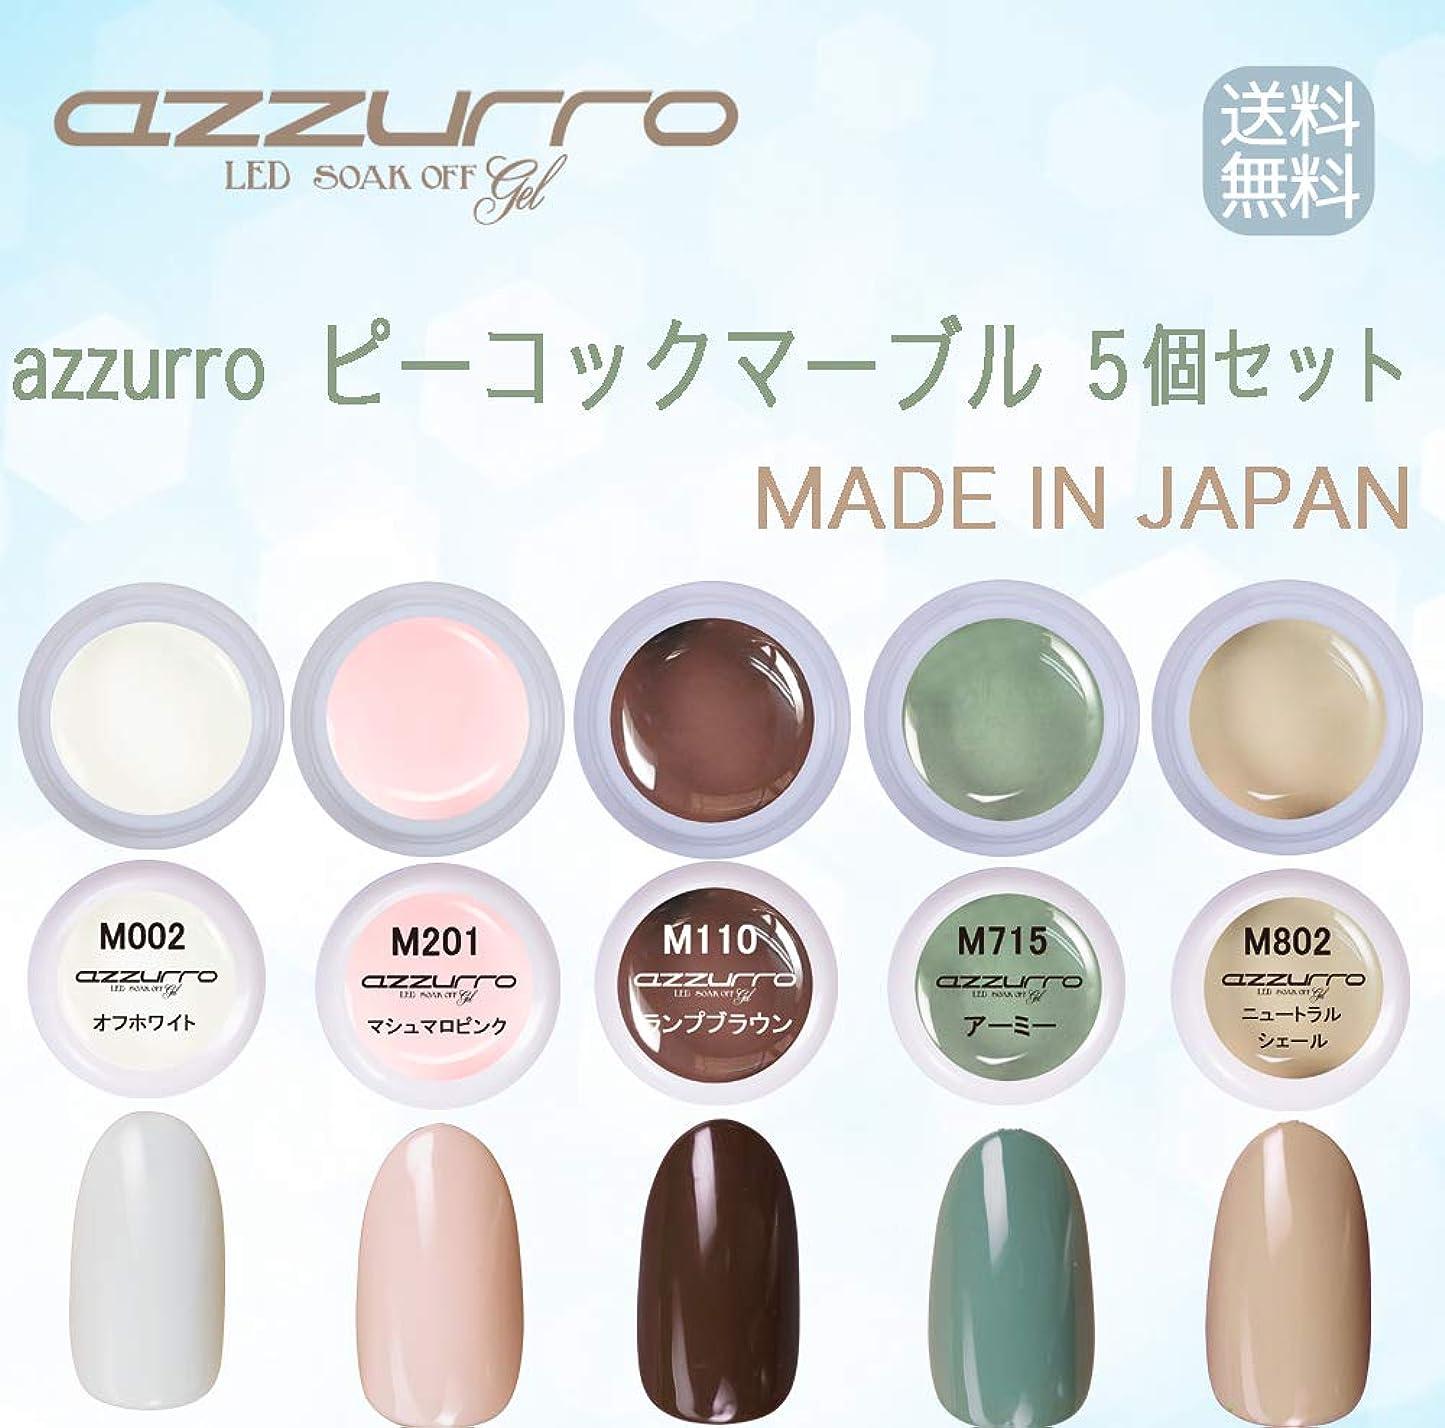 結論足リッチ【送料無料】日本製 azzurro gel ピーコックマーブルカラージェル5個セット 簡単でおしゃれにアートができるフェザーマーブルカラー